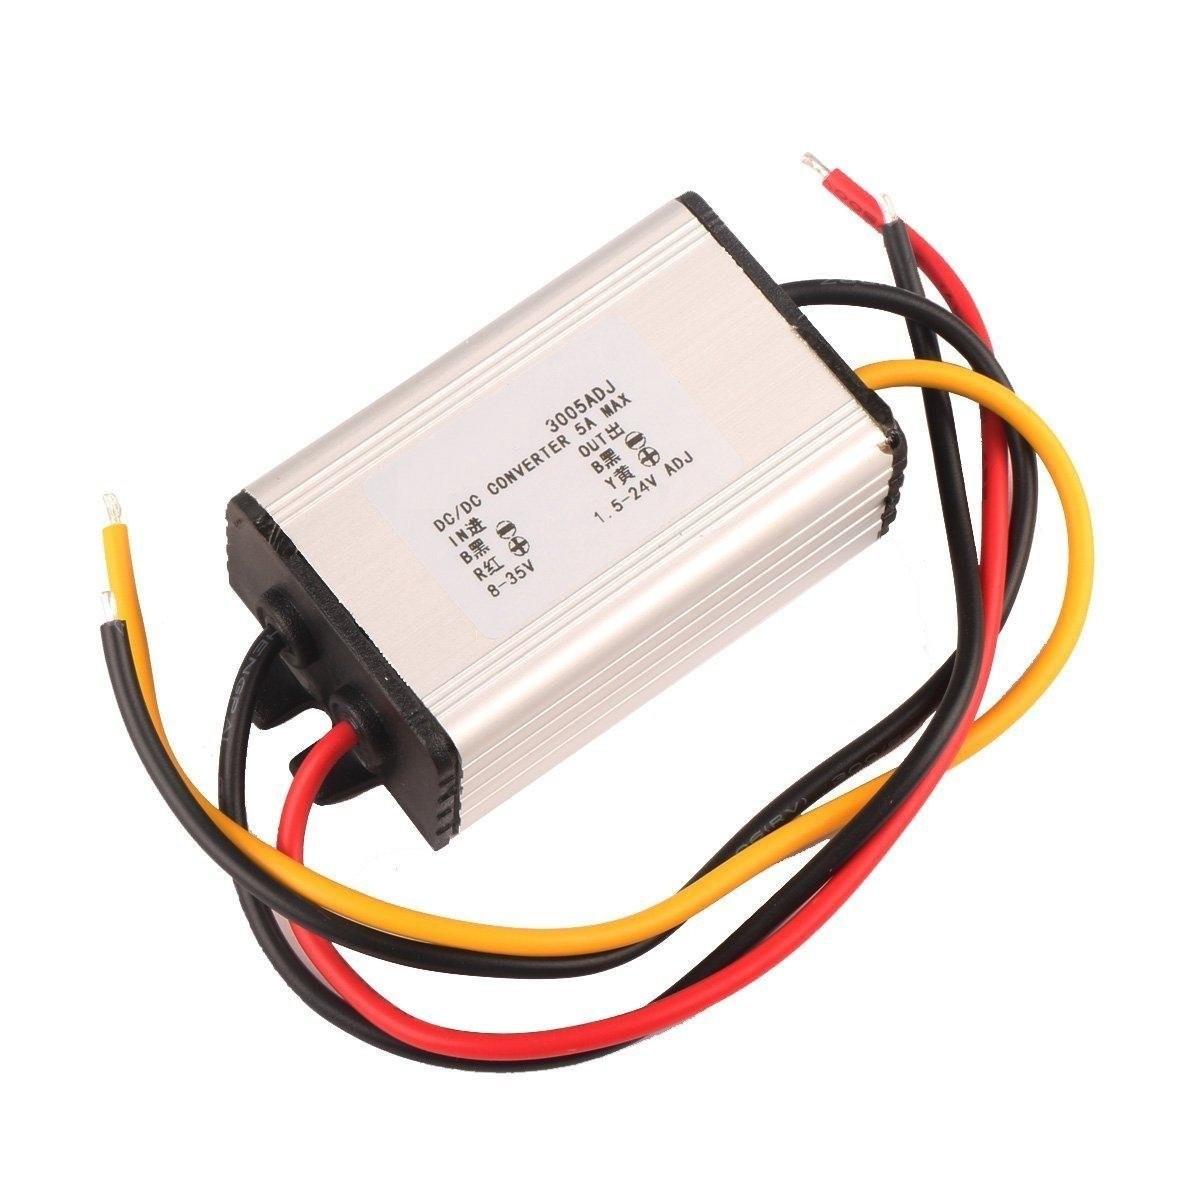 Riorand Dc Volt Converter Regulator 8 35v 24v 12v To 15 5v 12 V Variable Power Supply Circuit Together With Adjustable Step Down Buck Module Zoom